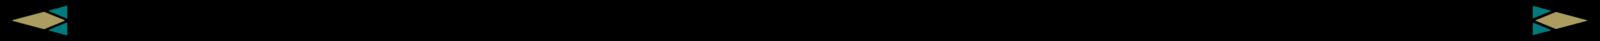 DIVIDER-2